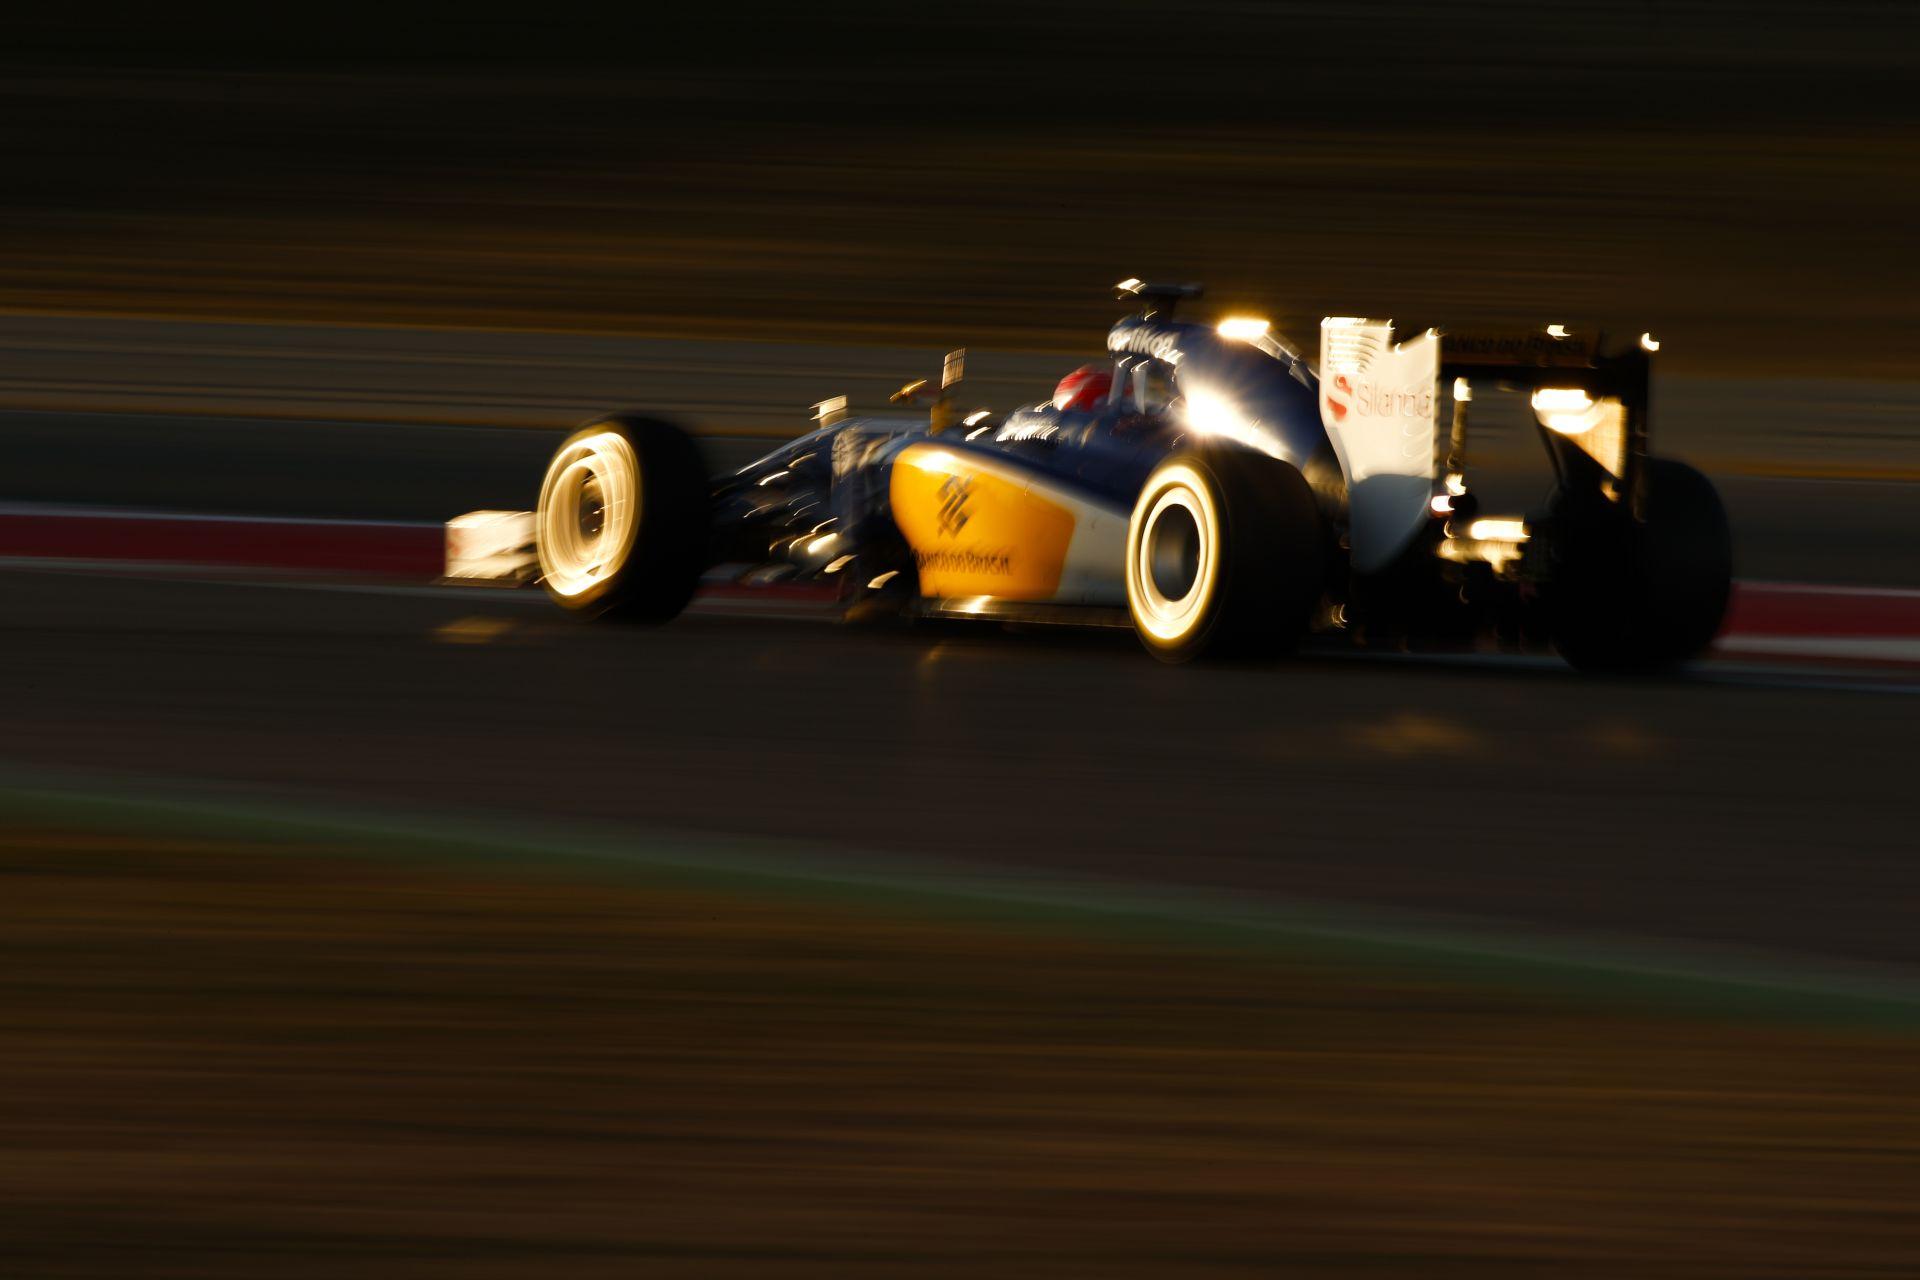 Új fotók érkeztek az F1-es téli teszt helyszínről: Ferrari, Williams, Red Bull, Haas…